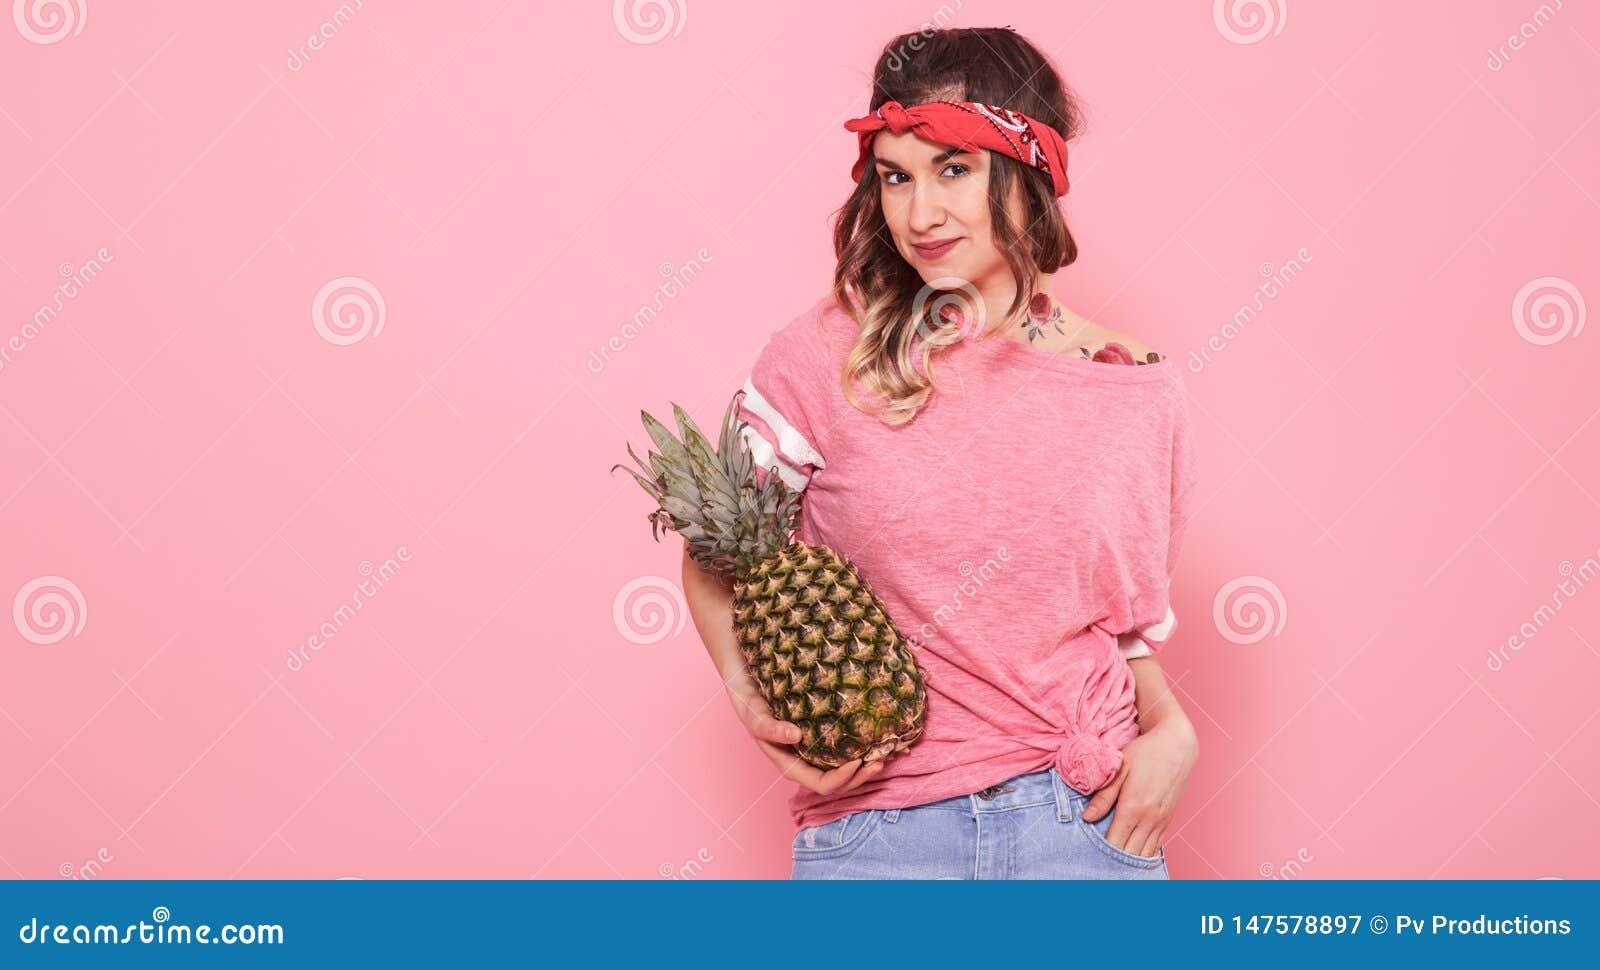 Πορτρέτο του κοριτσιού και του ανανά hipster που απομονώνονται στο ρόδινο υπόβαθρο